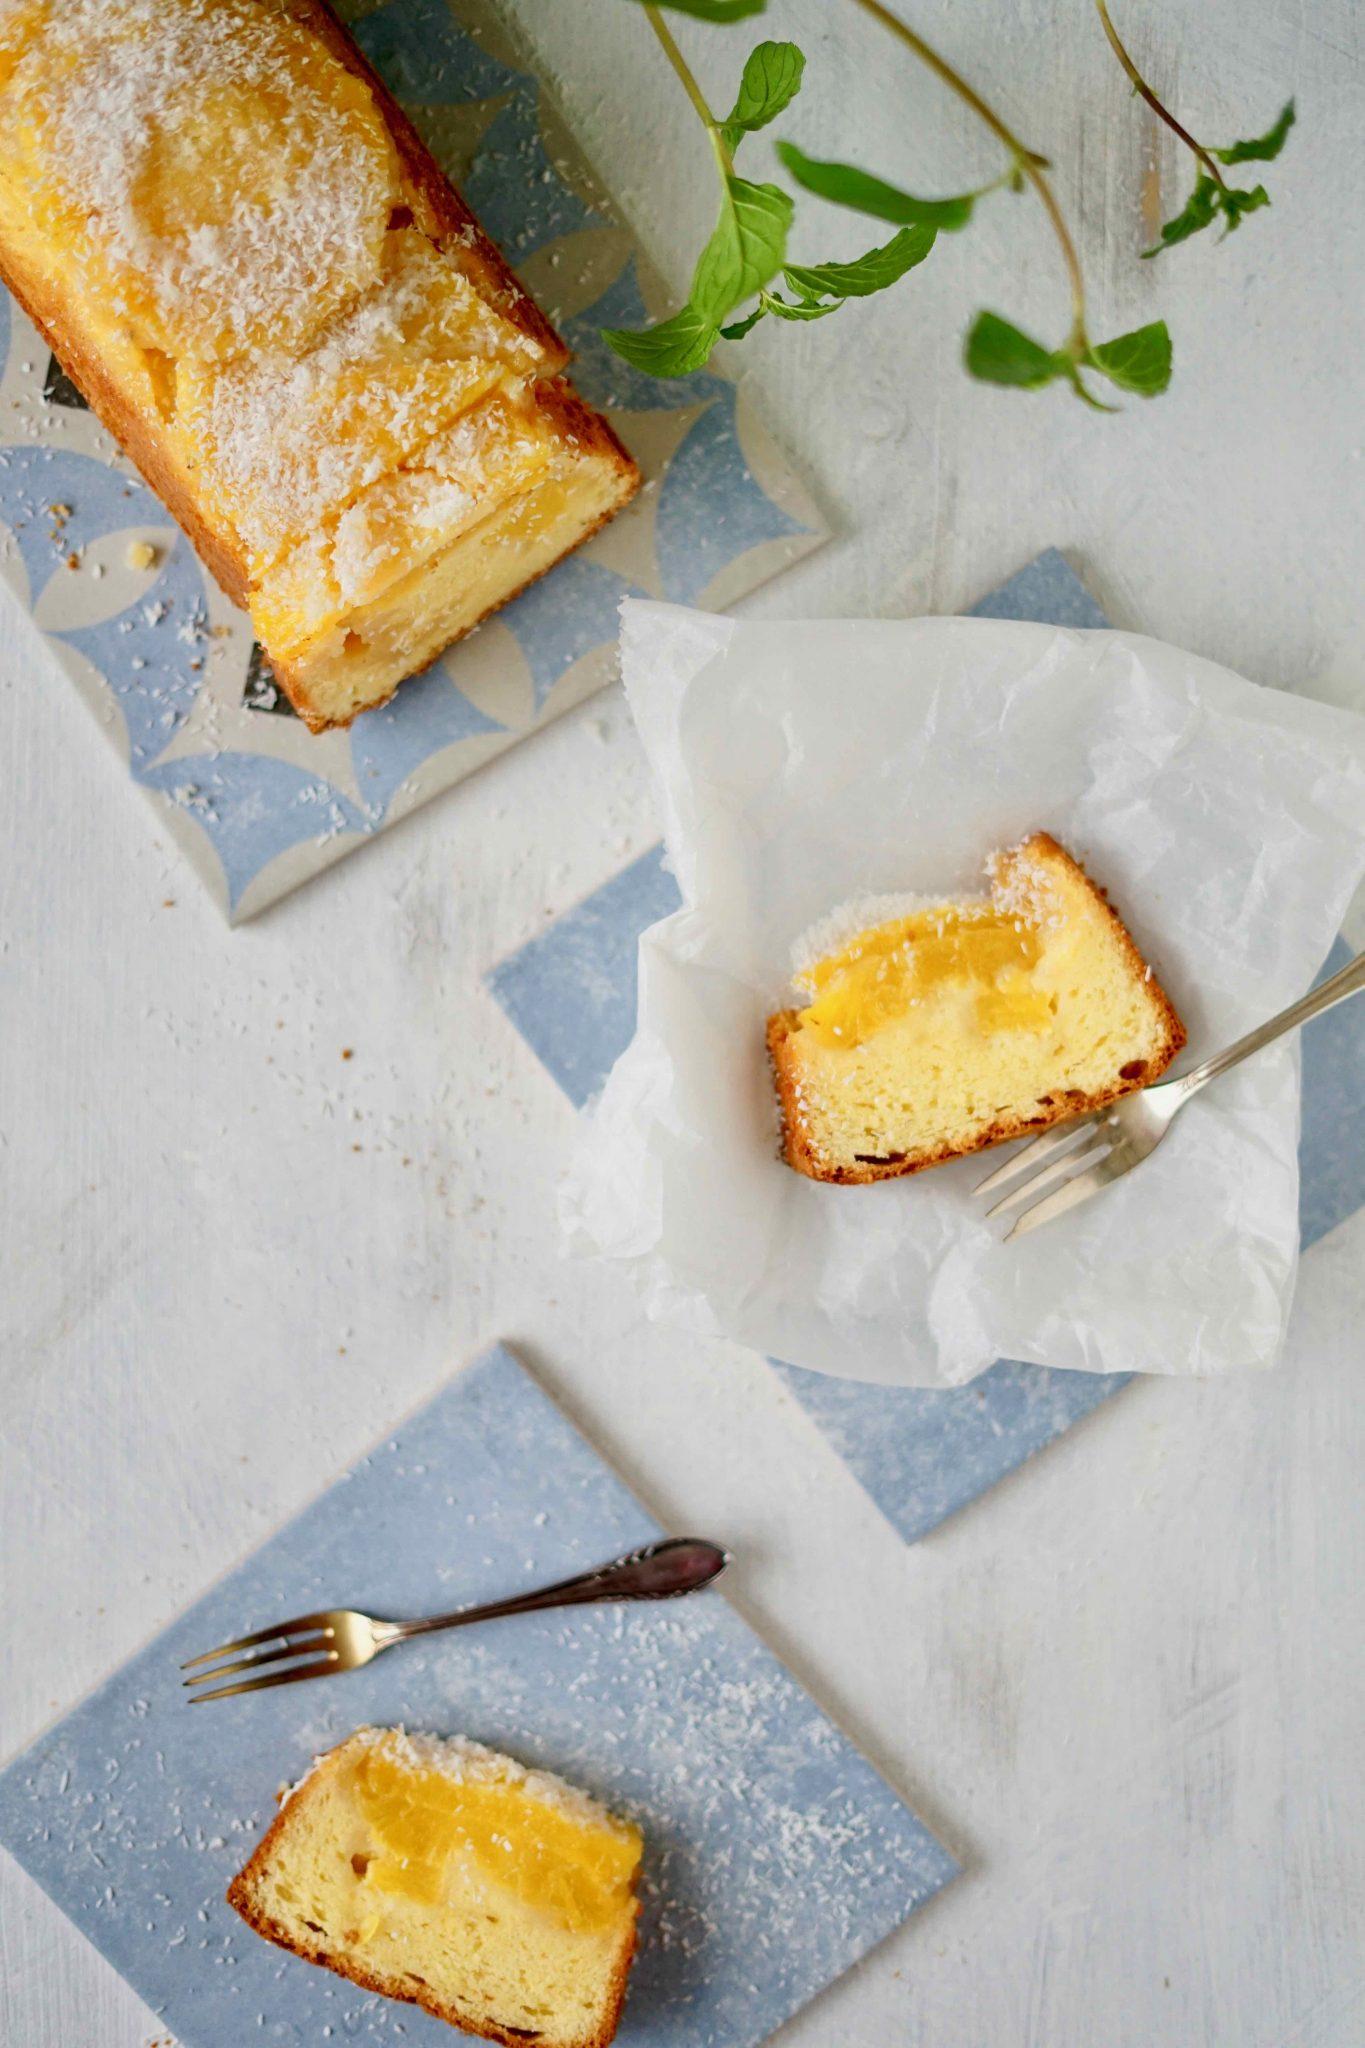 Bolo de ananás - Portugiesischer Ananaskuchen